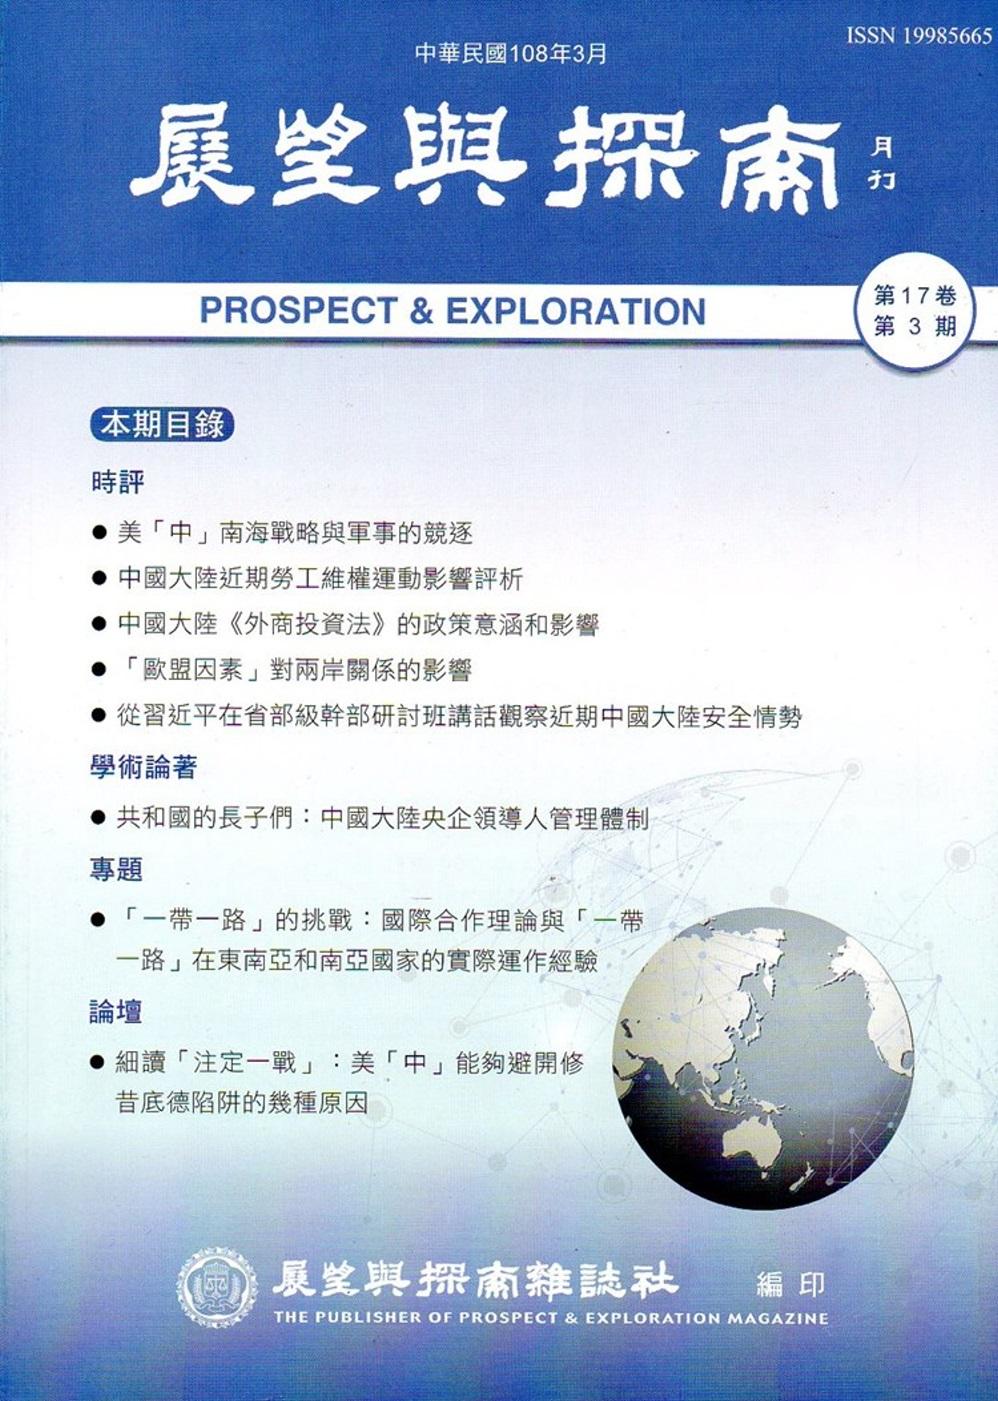 展望與探索月刊17卷3期(108/03)